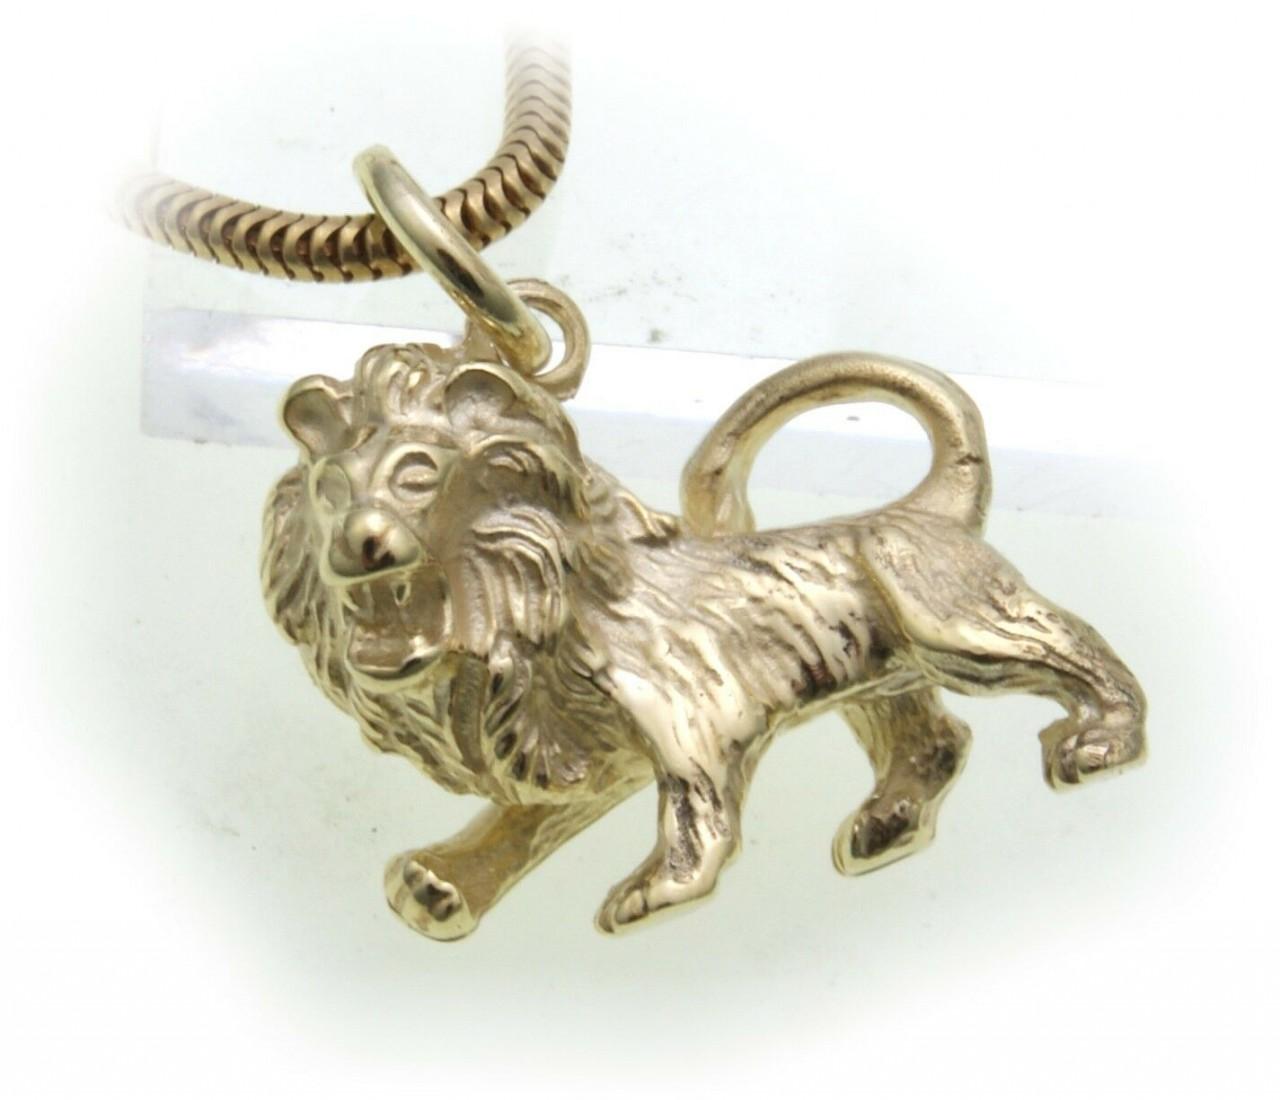 Anhänger Sternzeichen Löwe echt Gold 333 massiv 8kt Tierkreiszeichen